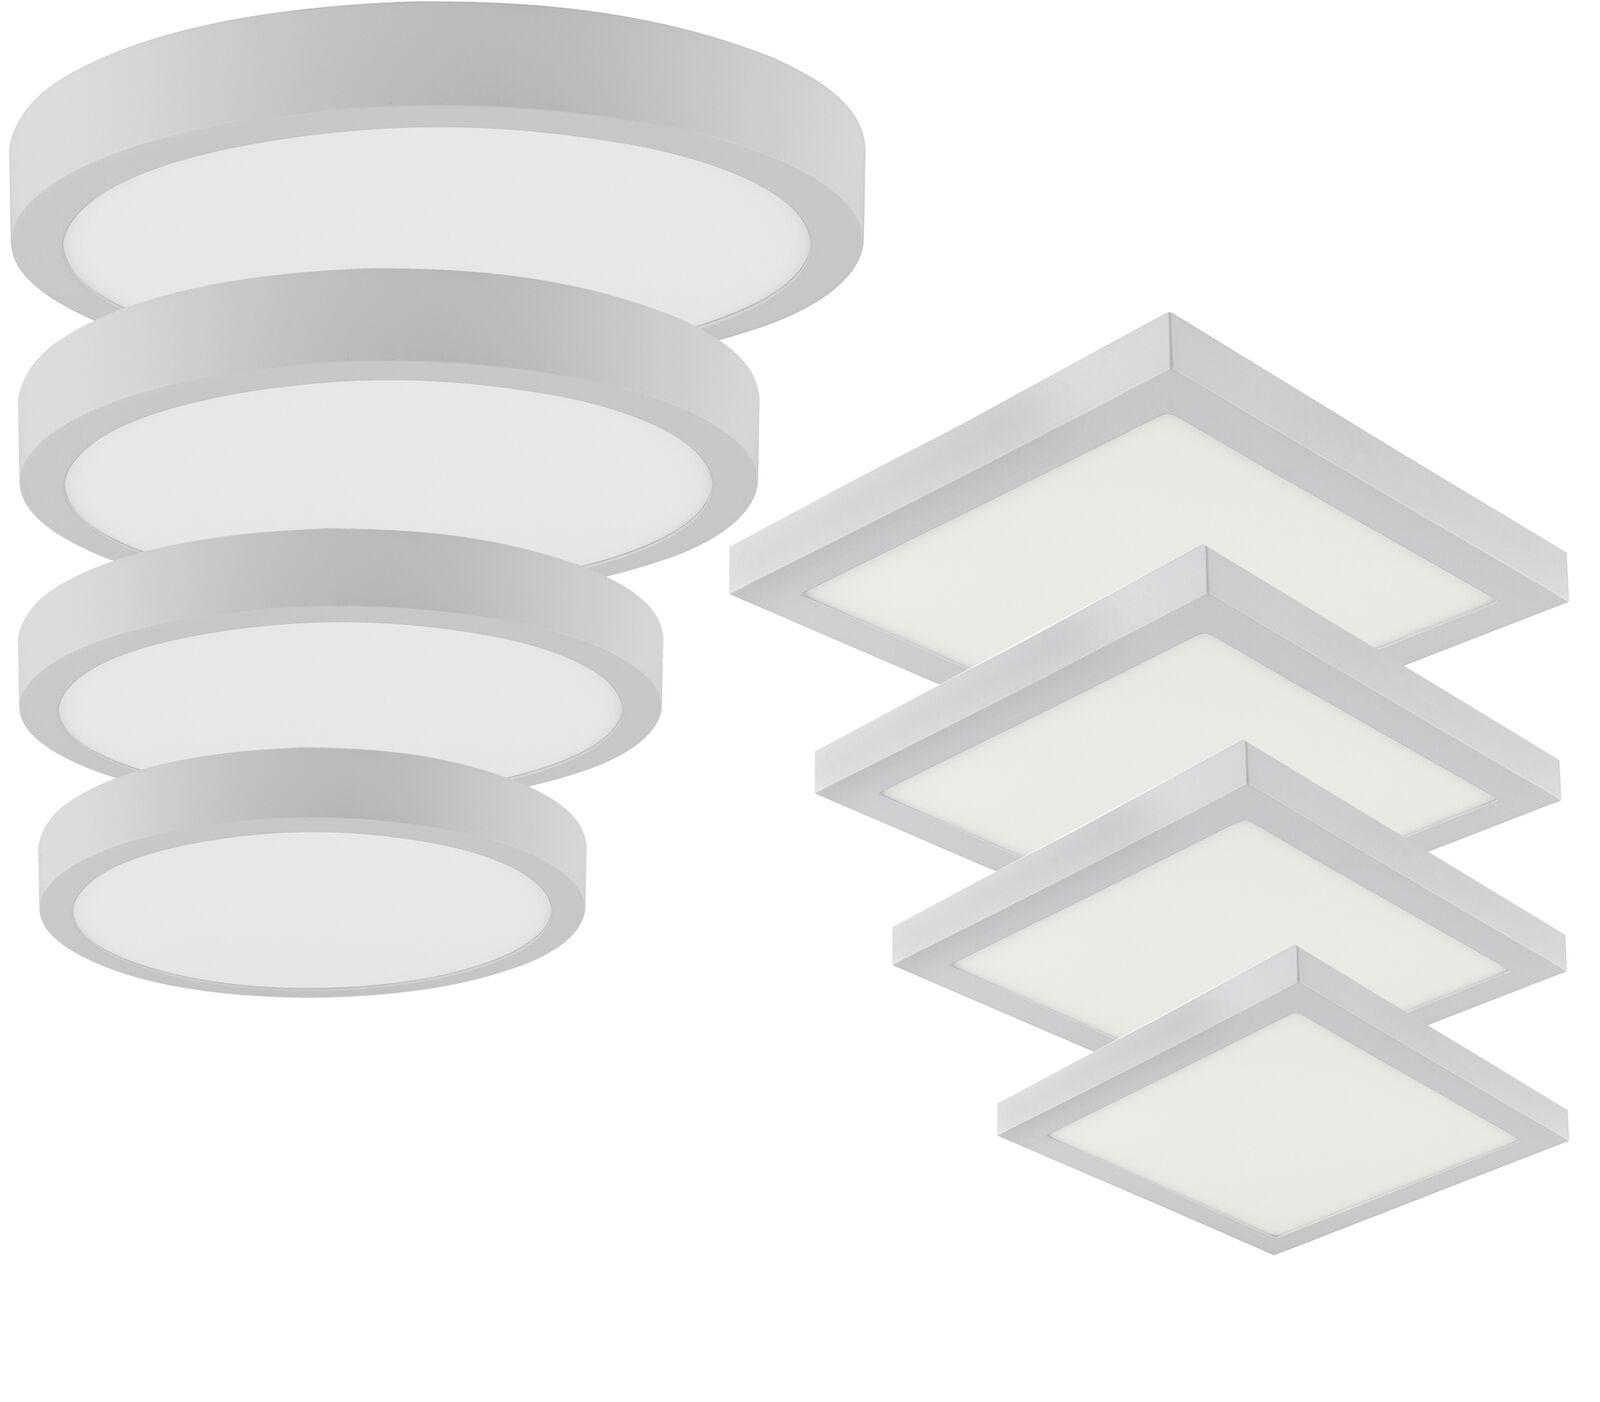 Pannello LED Costruzione Della Parete Lampada Parete Soffitto Tondo Quadrato